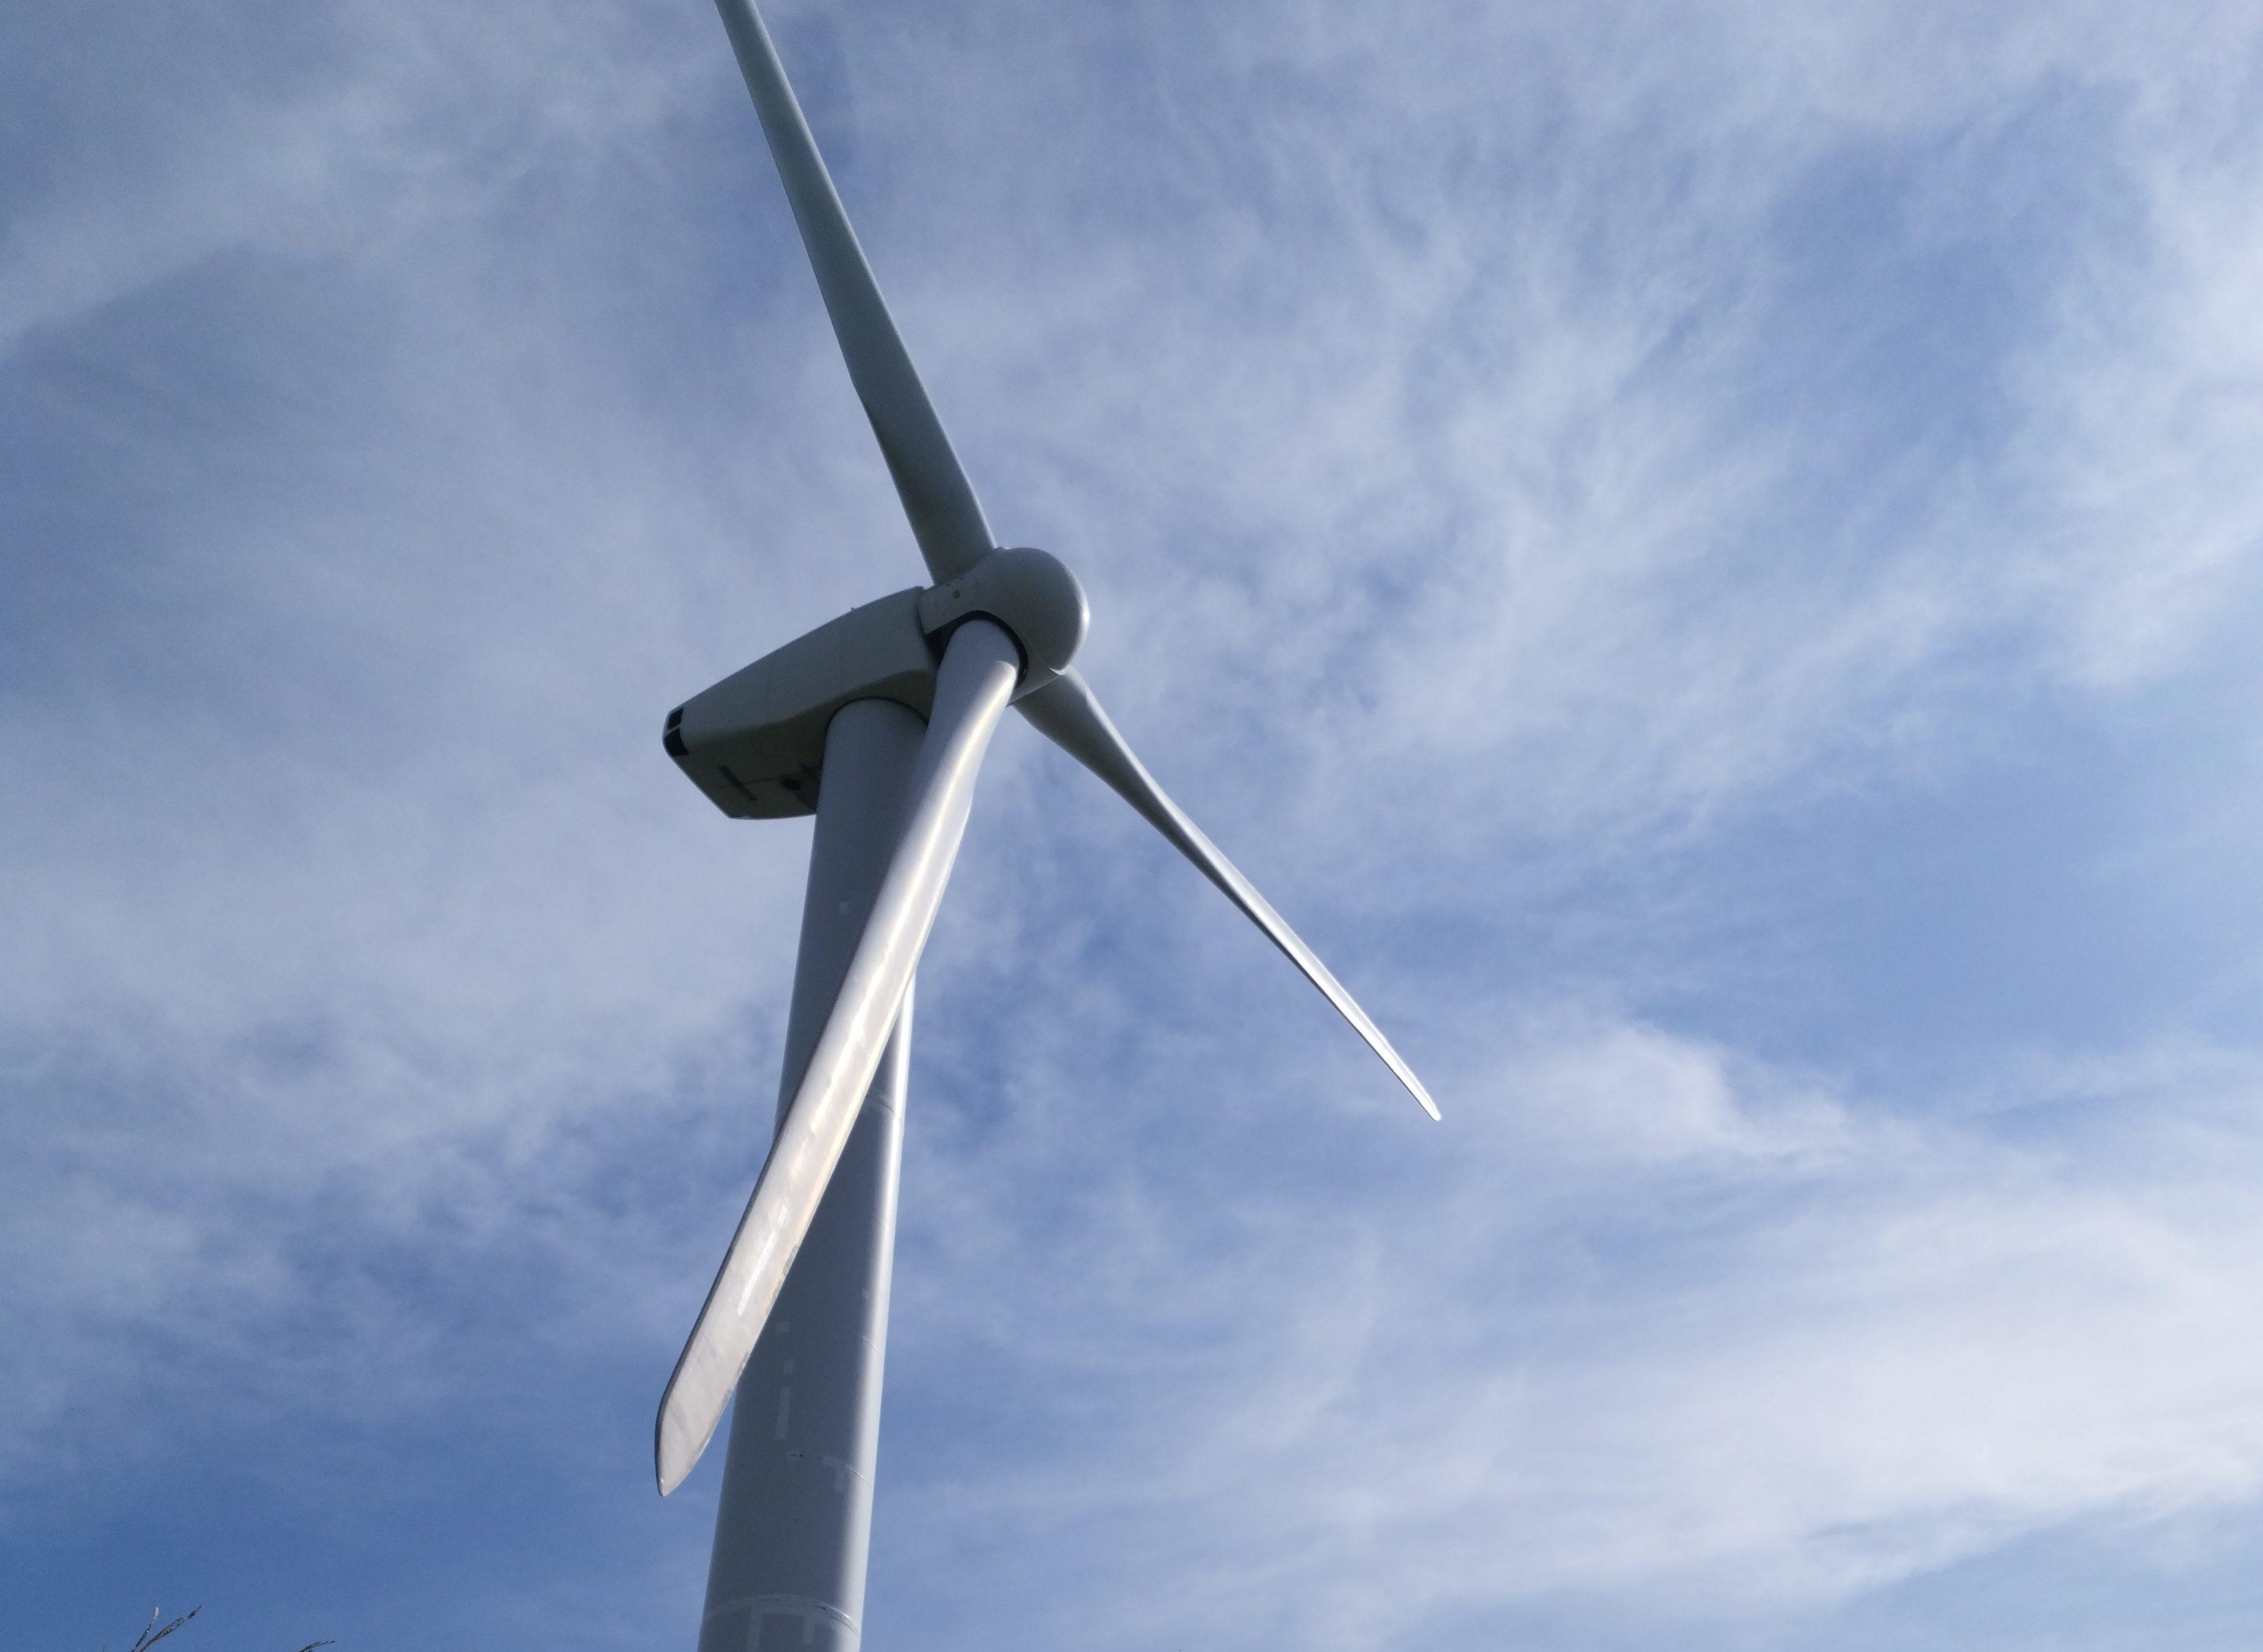 佐田岬半島の真ん中!風車が間近で見える「せと風の丘パーク」がおすすめ!